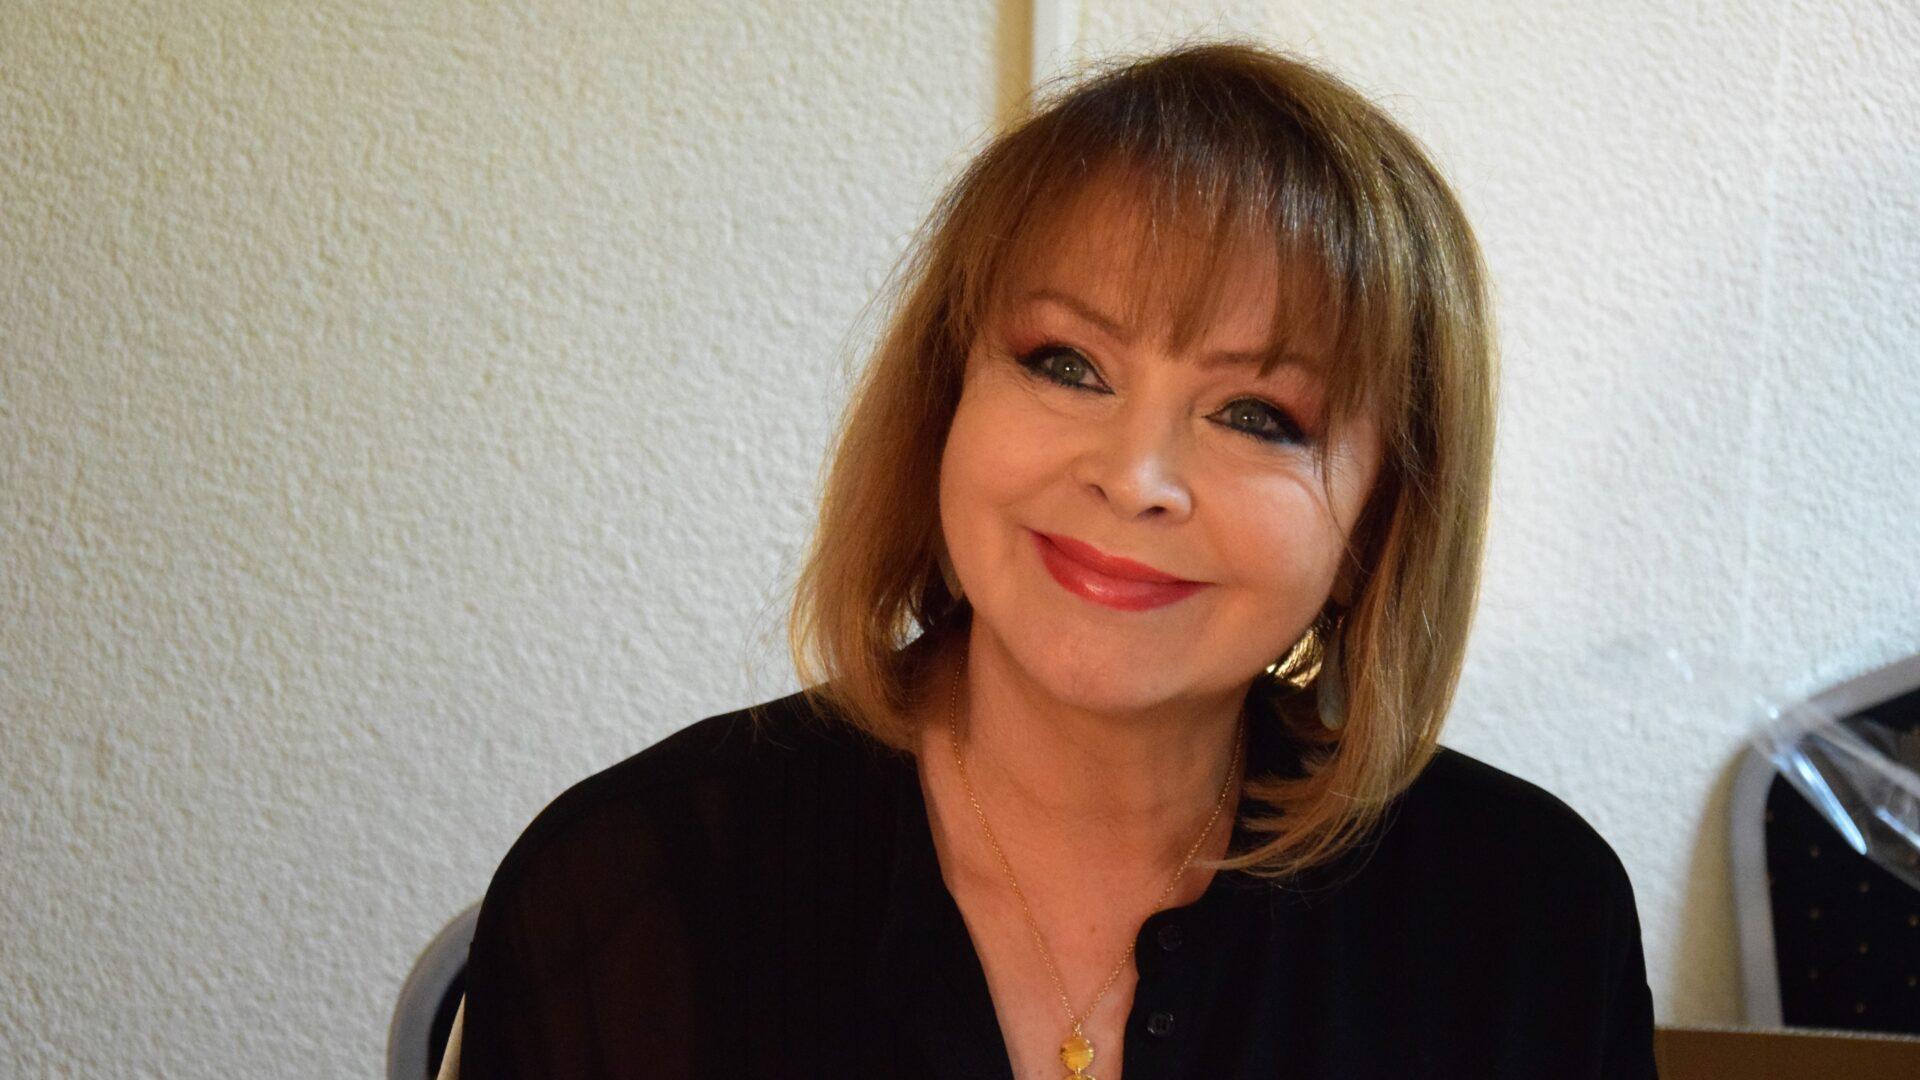 uśmiechnięta kobieta we włosach do ramion, ubrana w czarną bluzkę